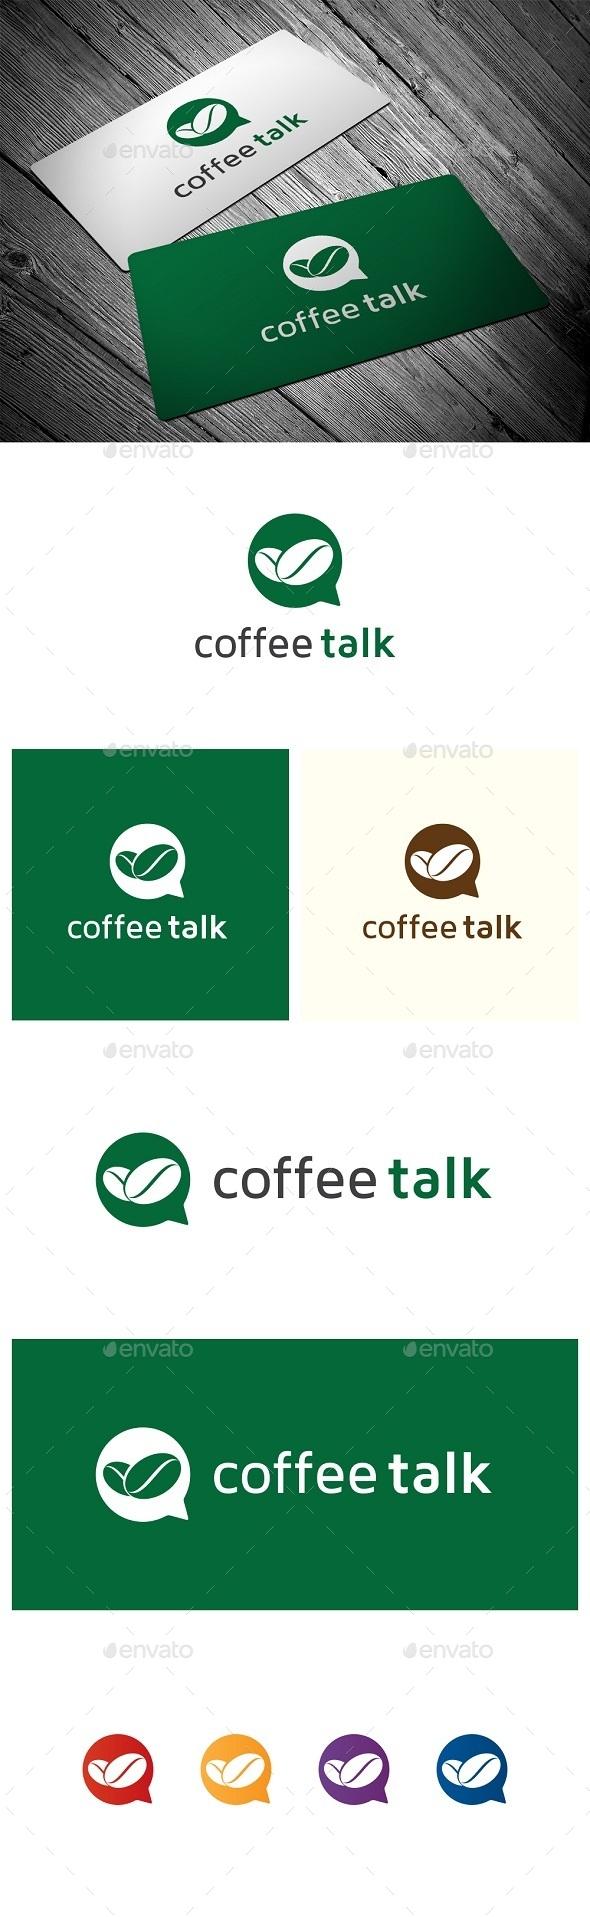 GraphicRiver Coffee Talk 9461547